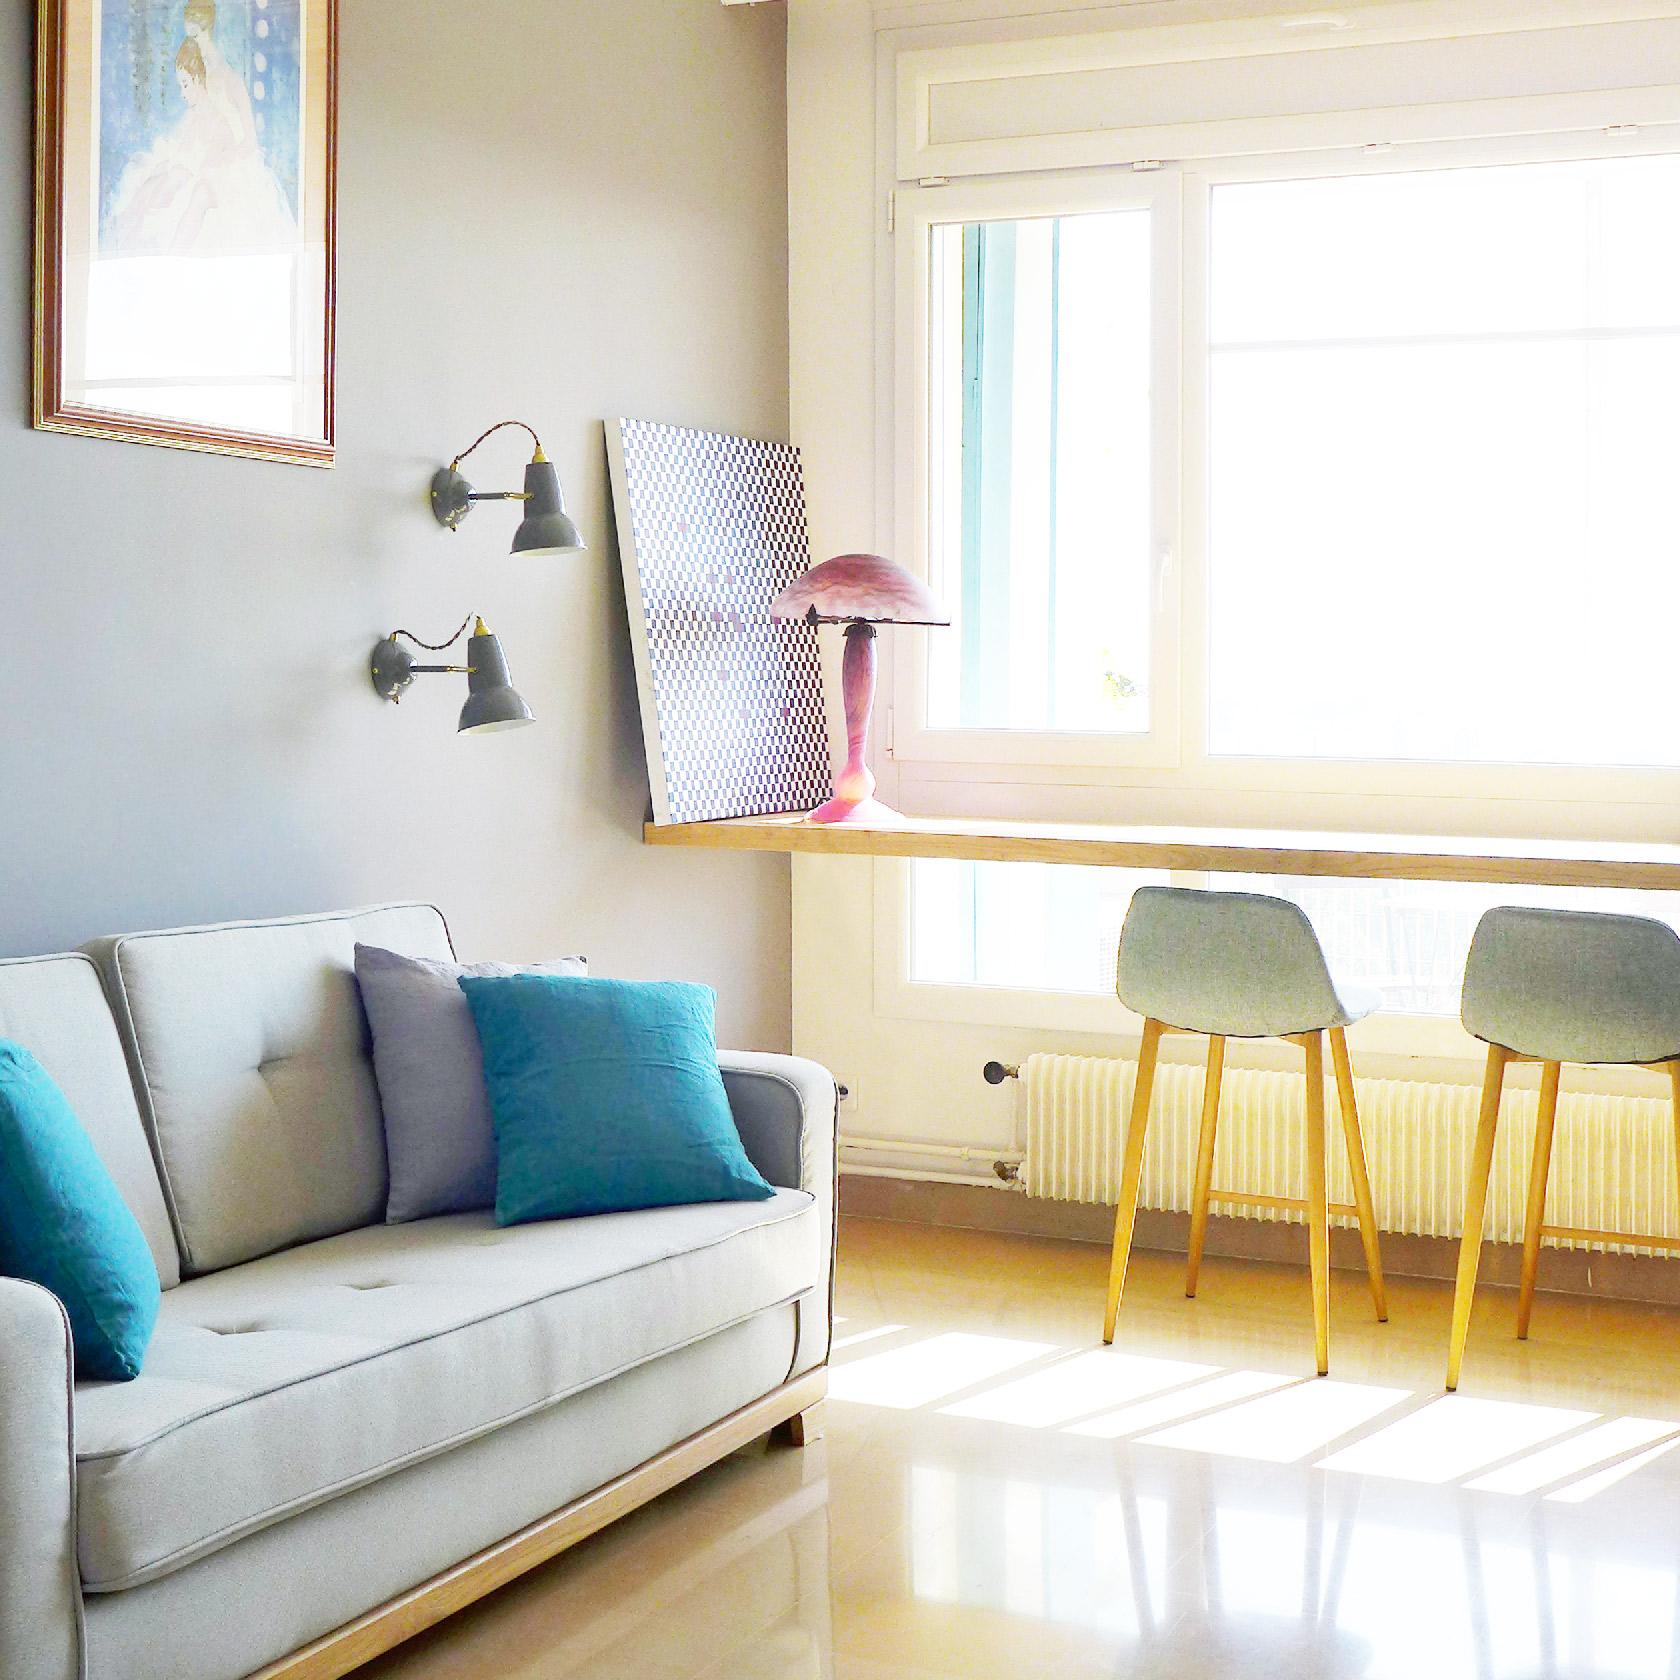 Un plan de travail prend place devant la fenêtre en guise de bureau. Un canapé convertible donne à cette chambre des airs de salon.